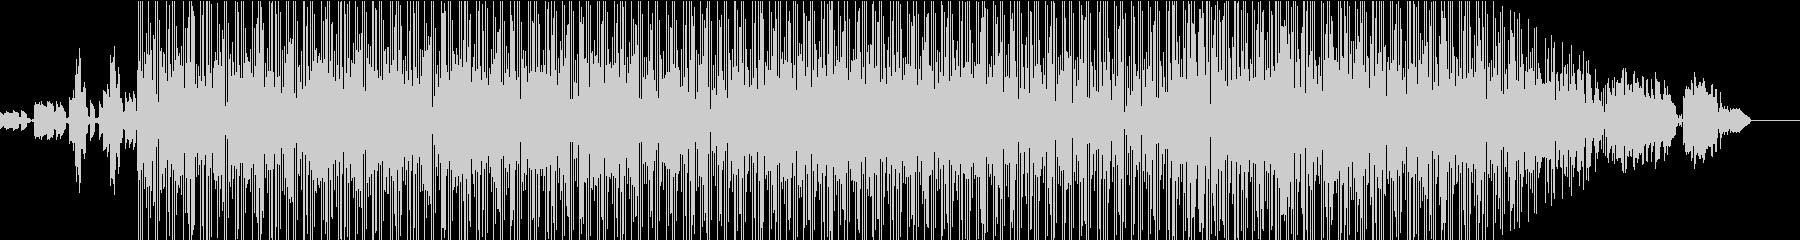 ロータリー、ボコーダー。ドラムンベ...の未再生の波形